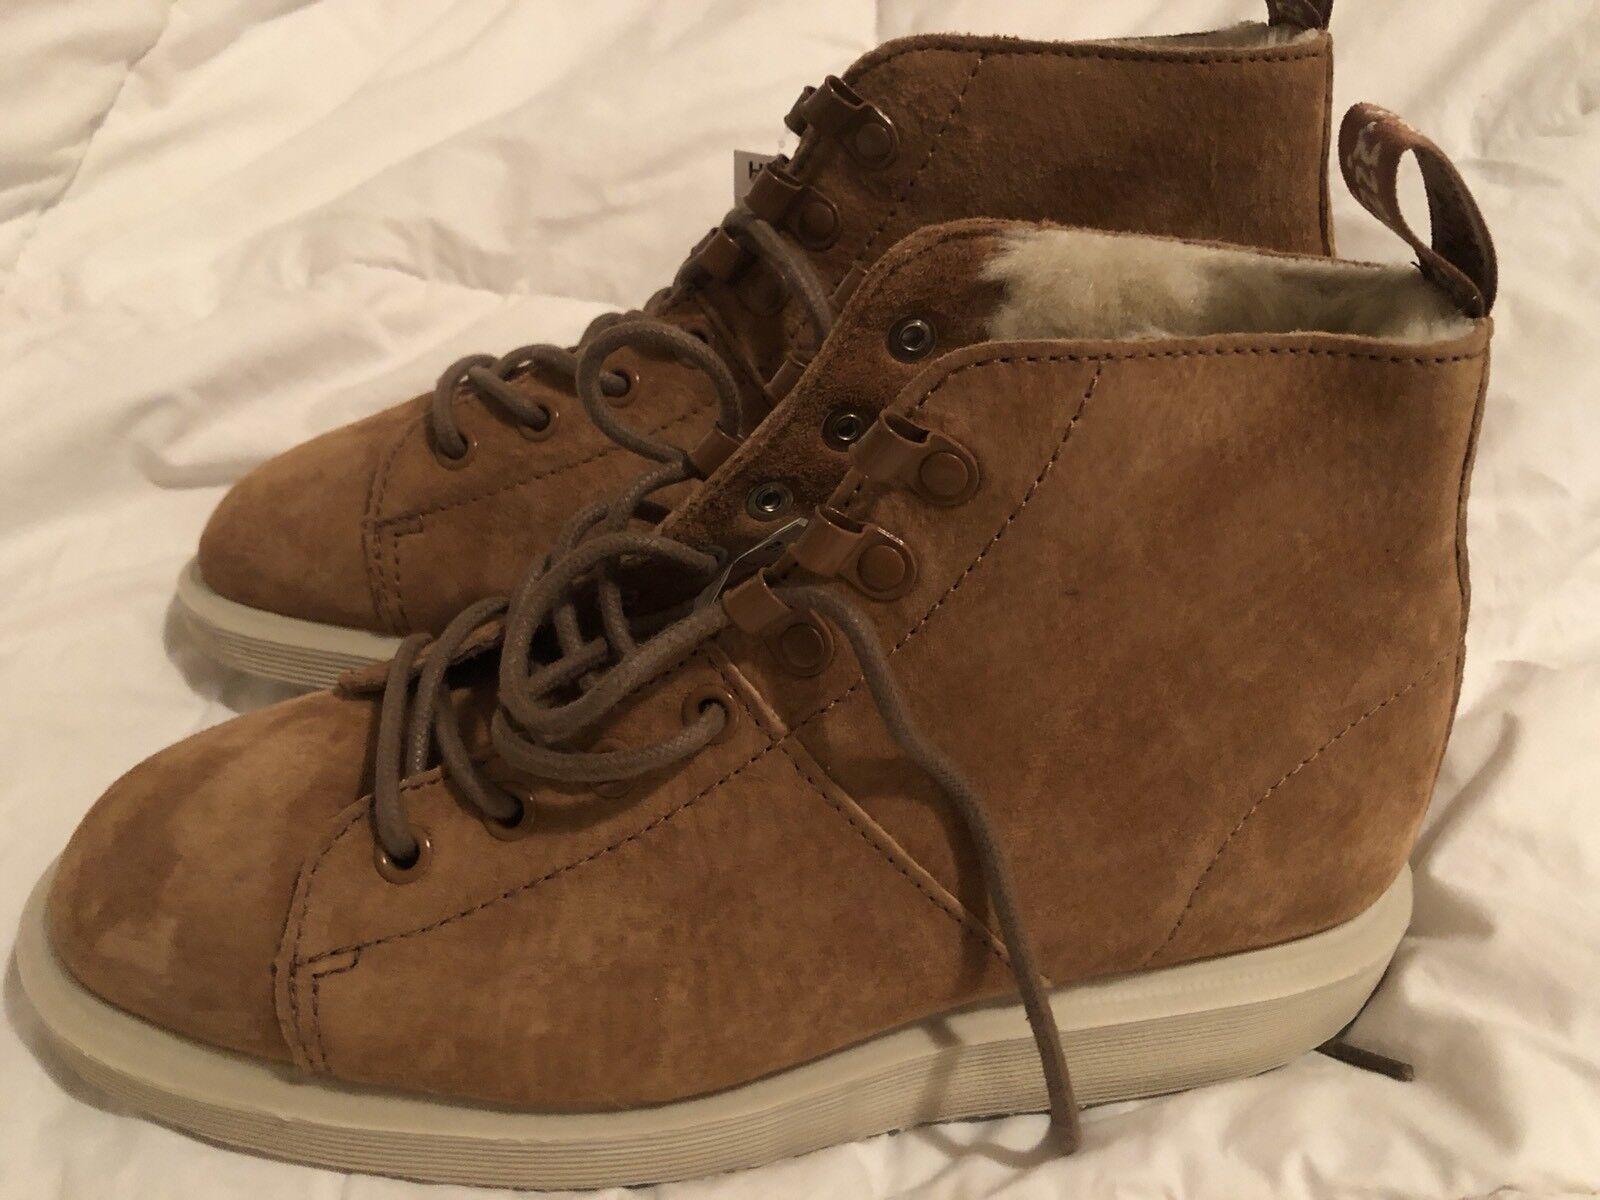 Dr. Martens LESBOOTFL Brown Leather Faux Fur Lined Ankle Boots Women's Sz 7 US